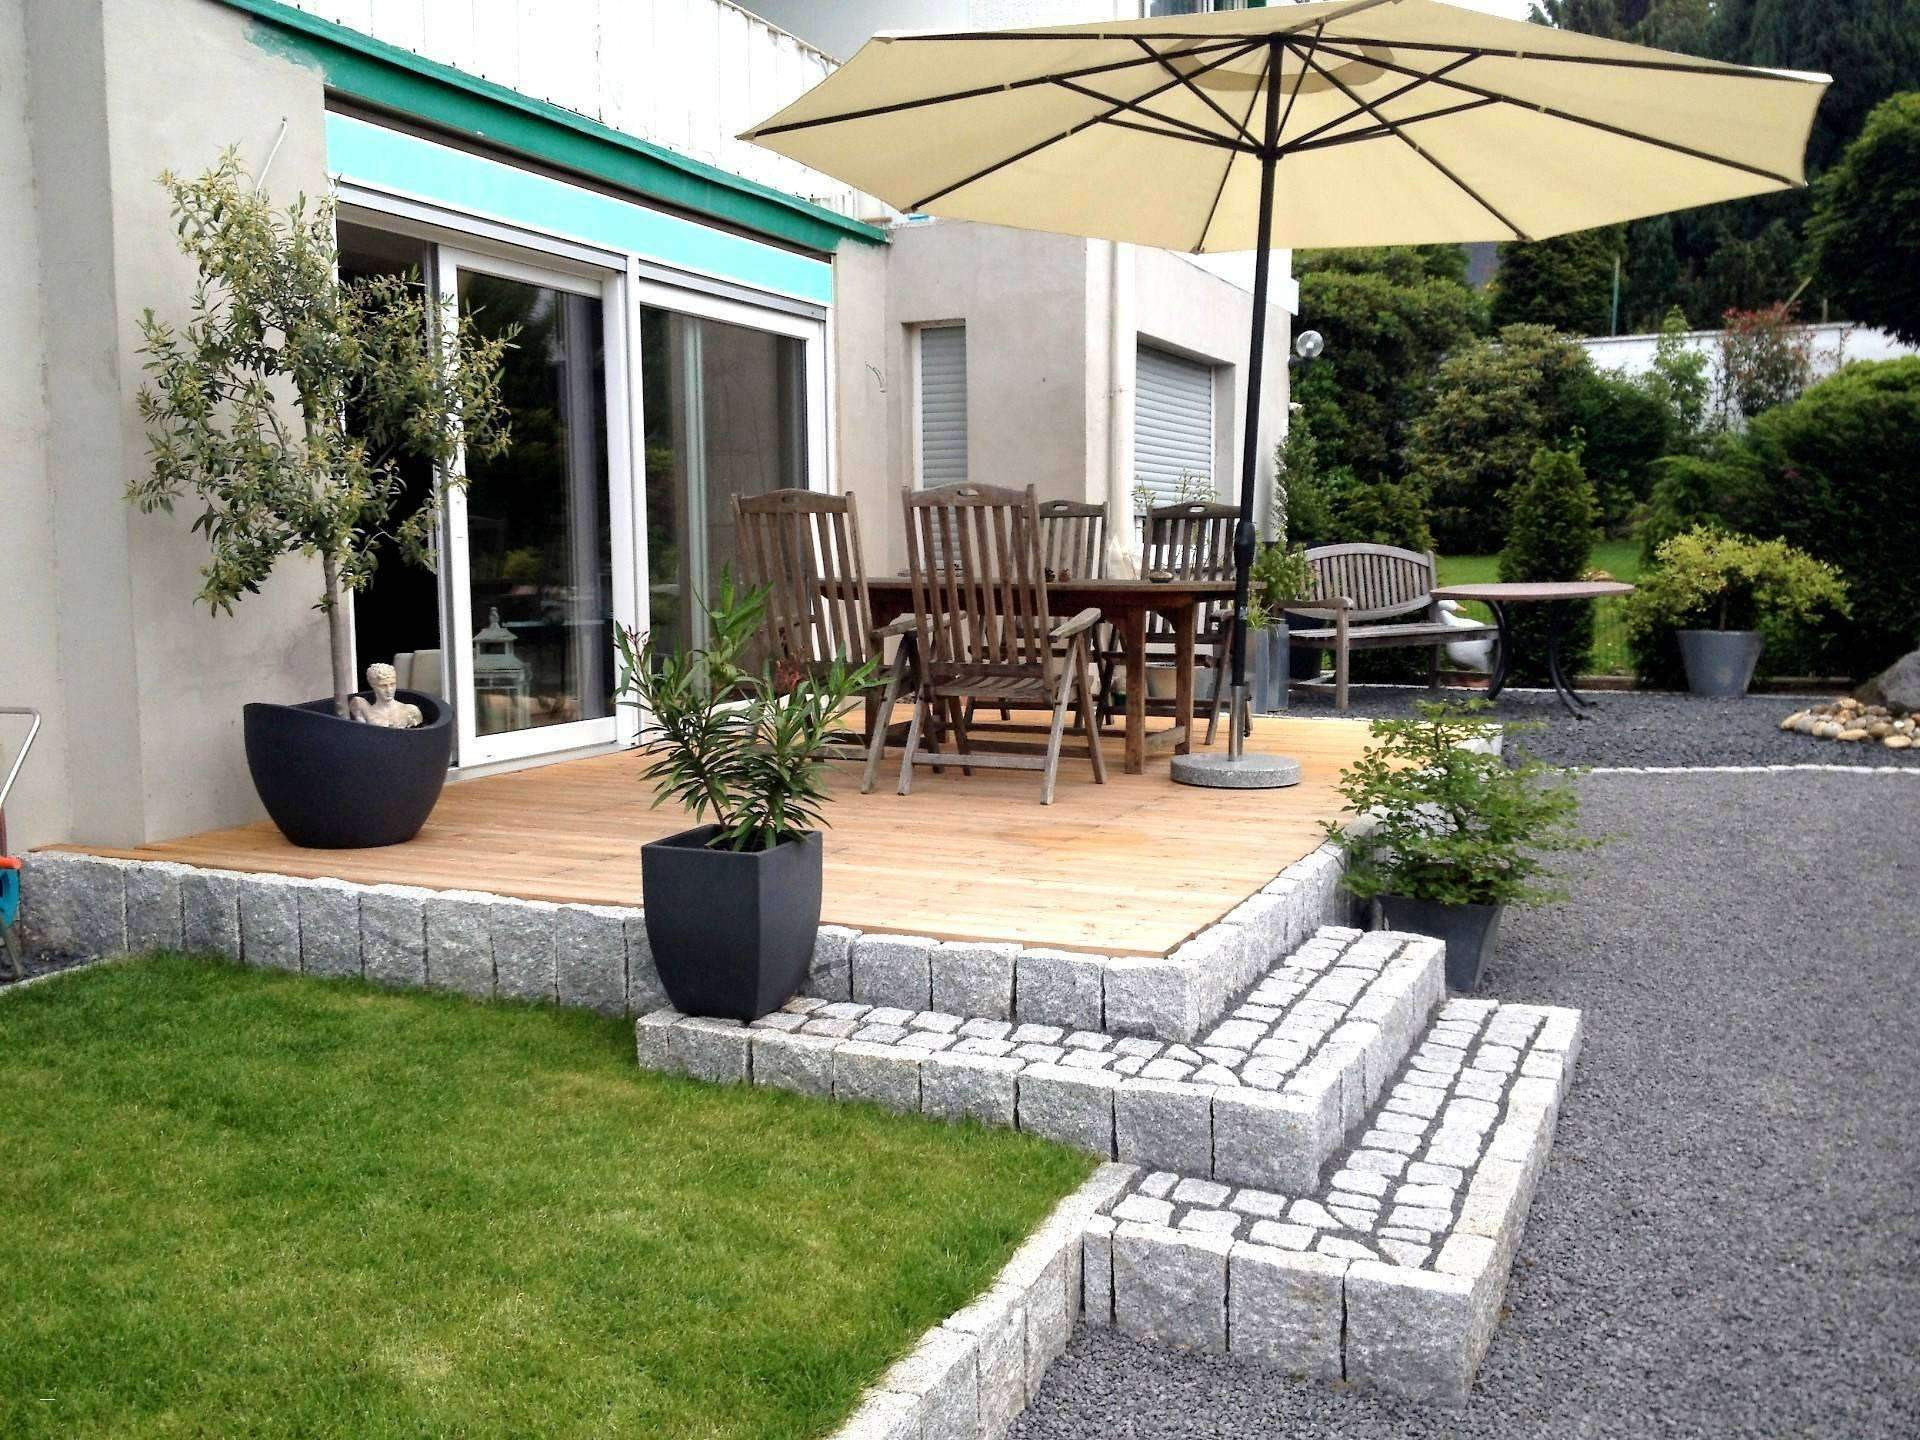 garten einrichten inspirierend balkon einrichten ideen genial luxus kleine terrasse of garten einrichten